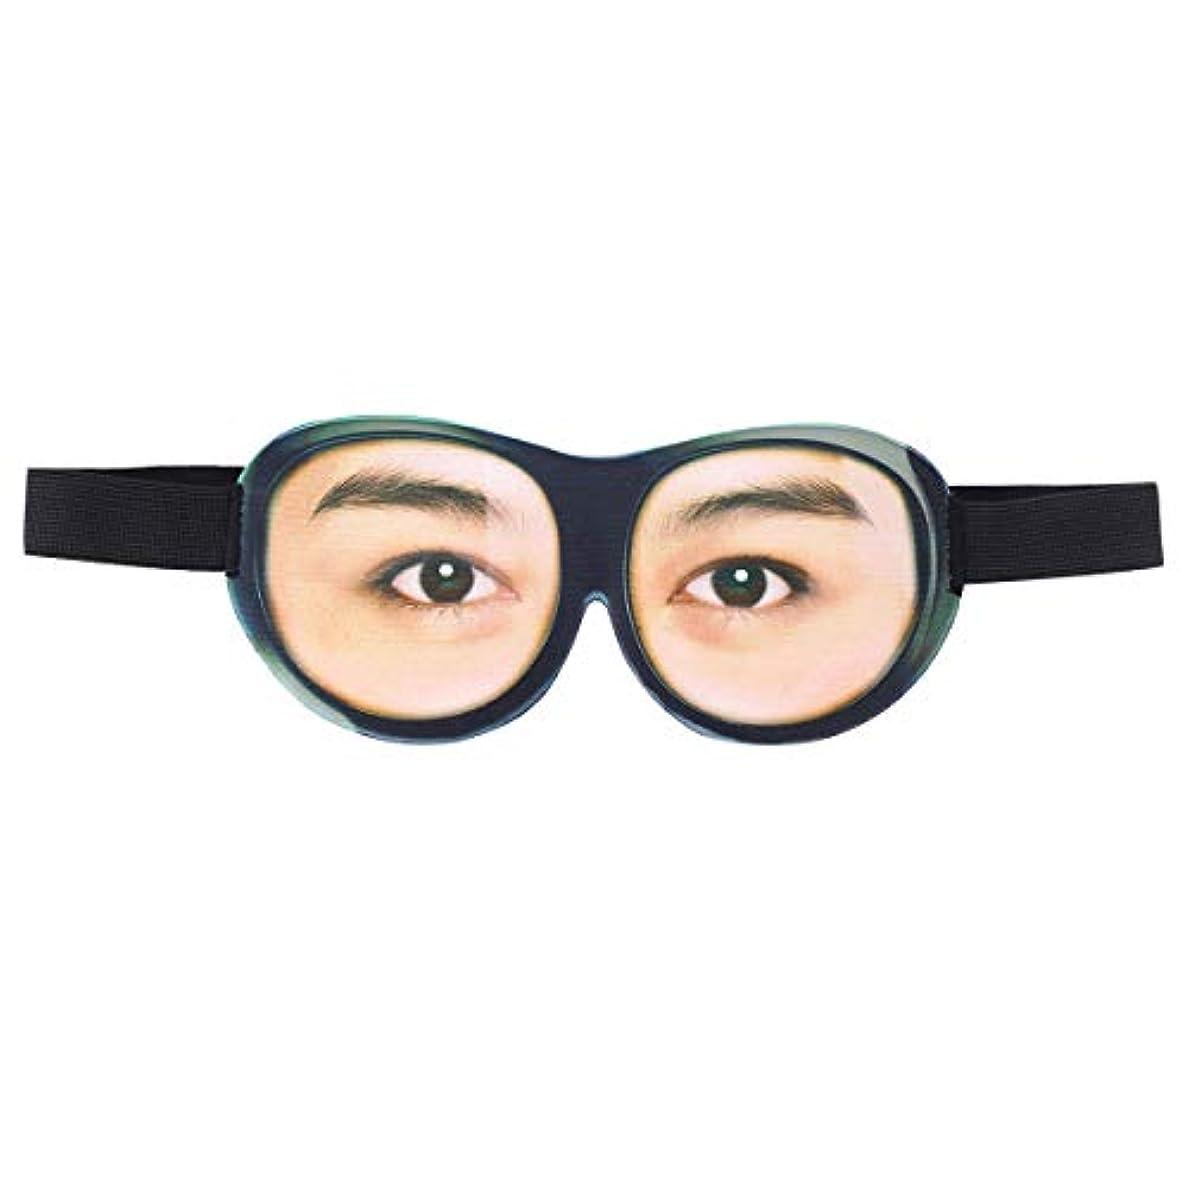 二層疼痛続編Healifty 睡眠目隠し3D面白いアイシェード通気性睡眠マスク旅行睡眠ヘルパーアイシェード用男性と女性